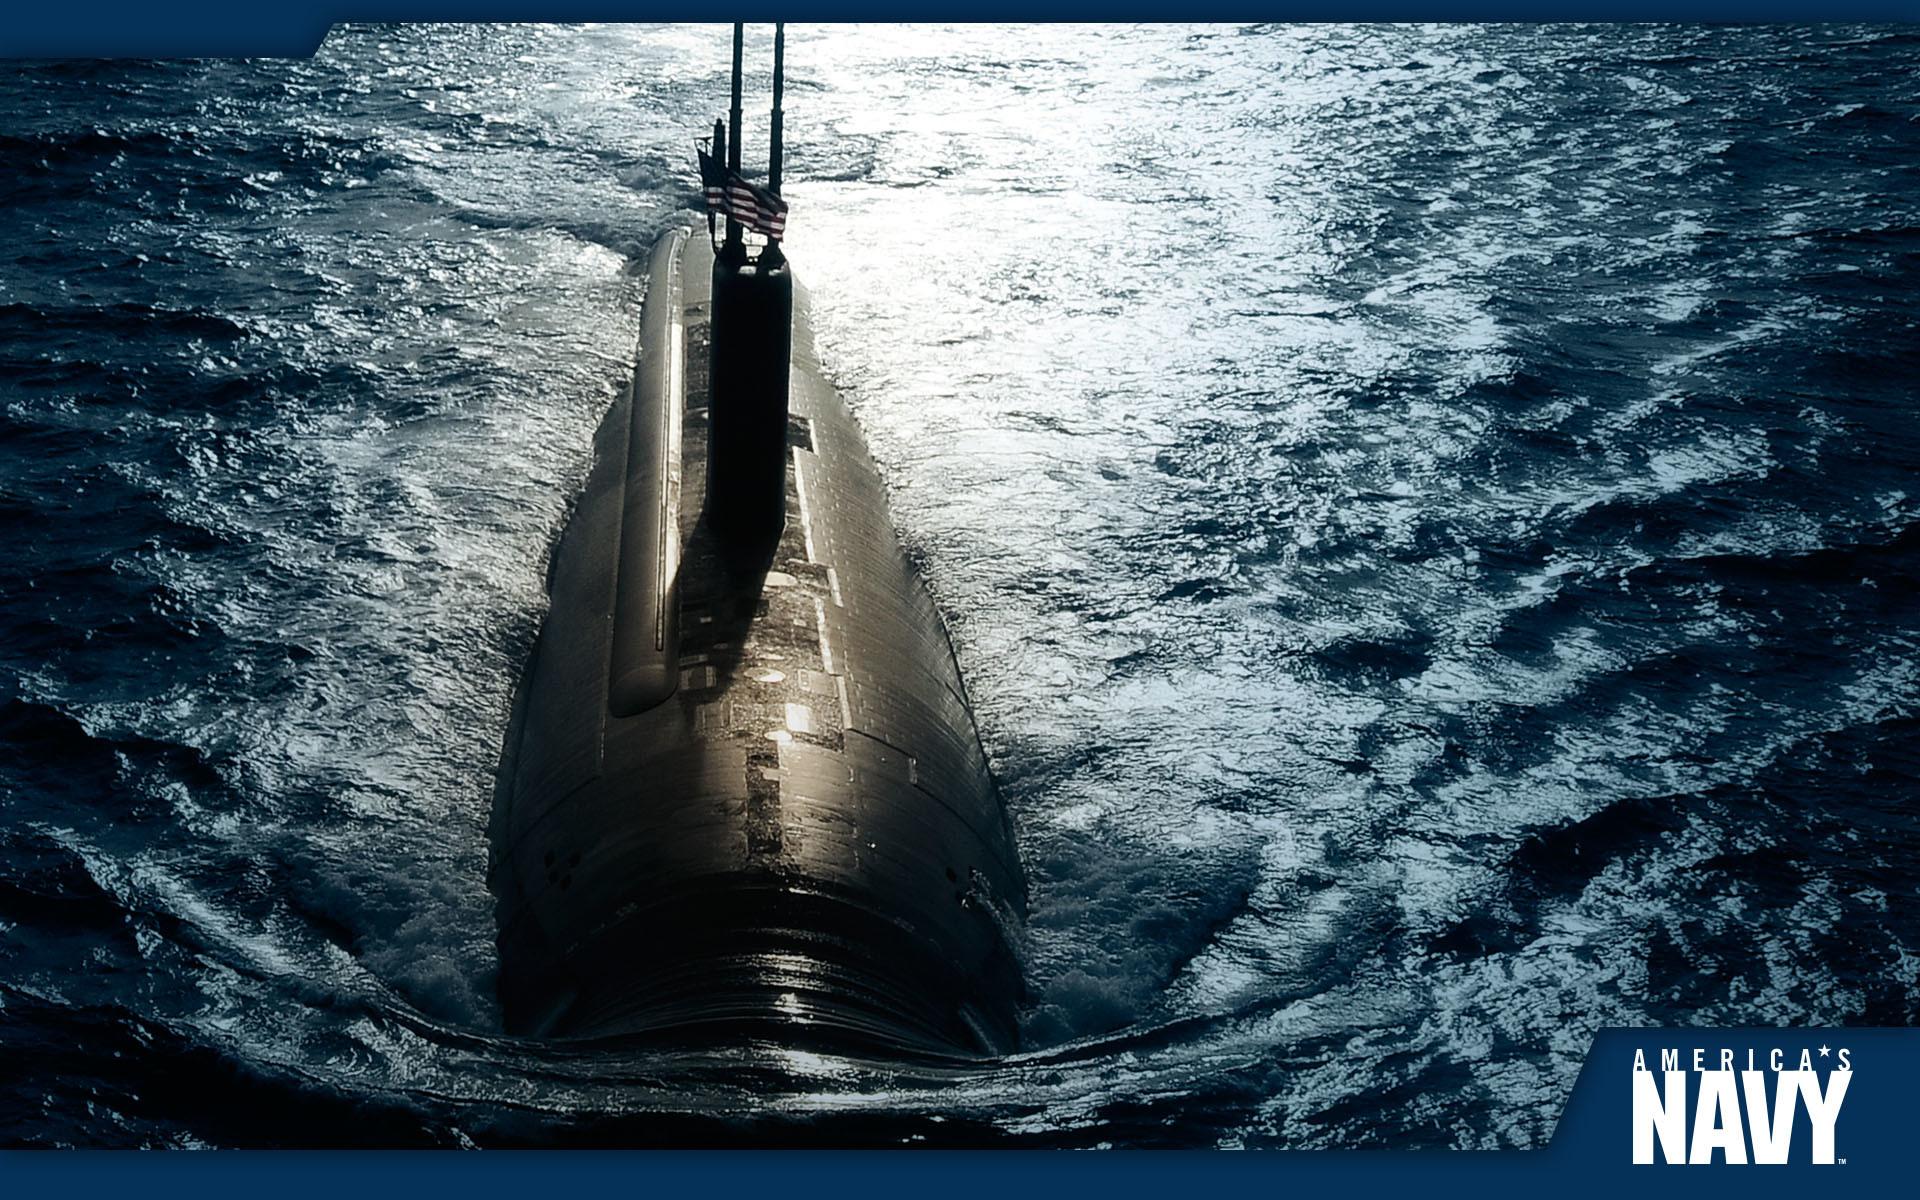 1920x1200 Download US Navy Wallpaper 1146x762